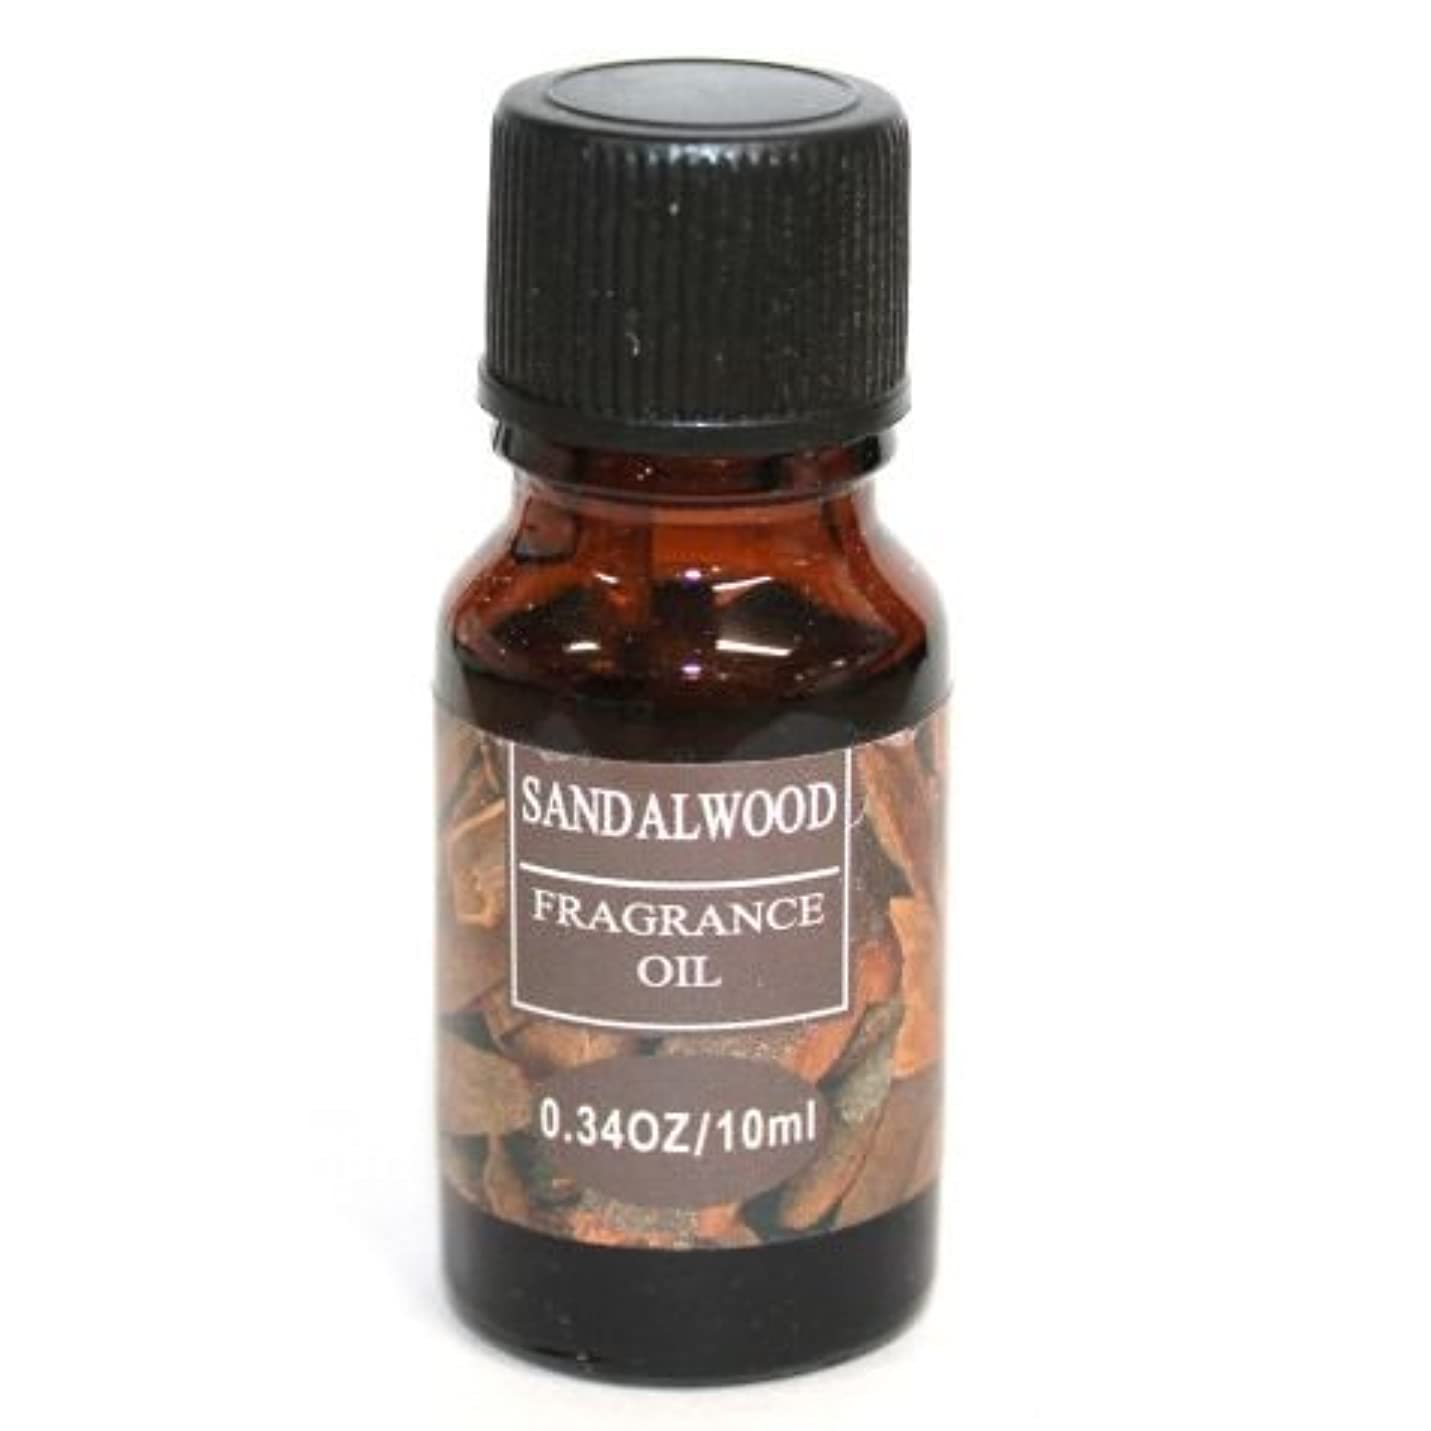 名誉あるフクロウスタンドRELAXING アロマオイル フレグランスオイル サンダルウッドの香り ビャクダン (白檀) RQ-03